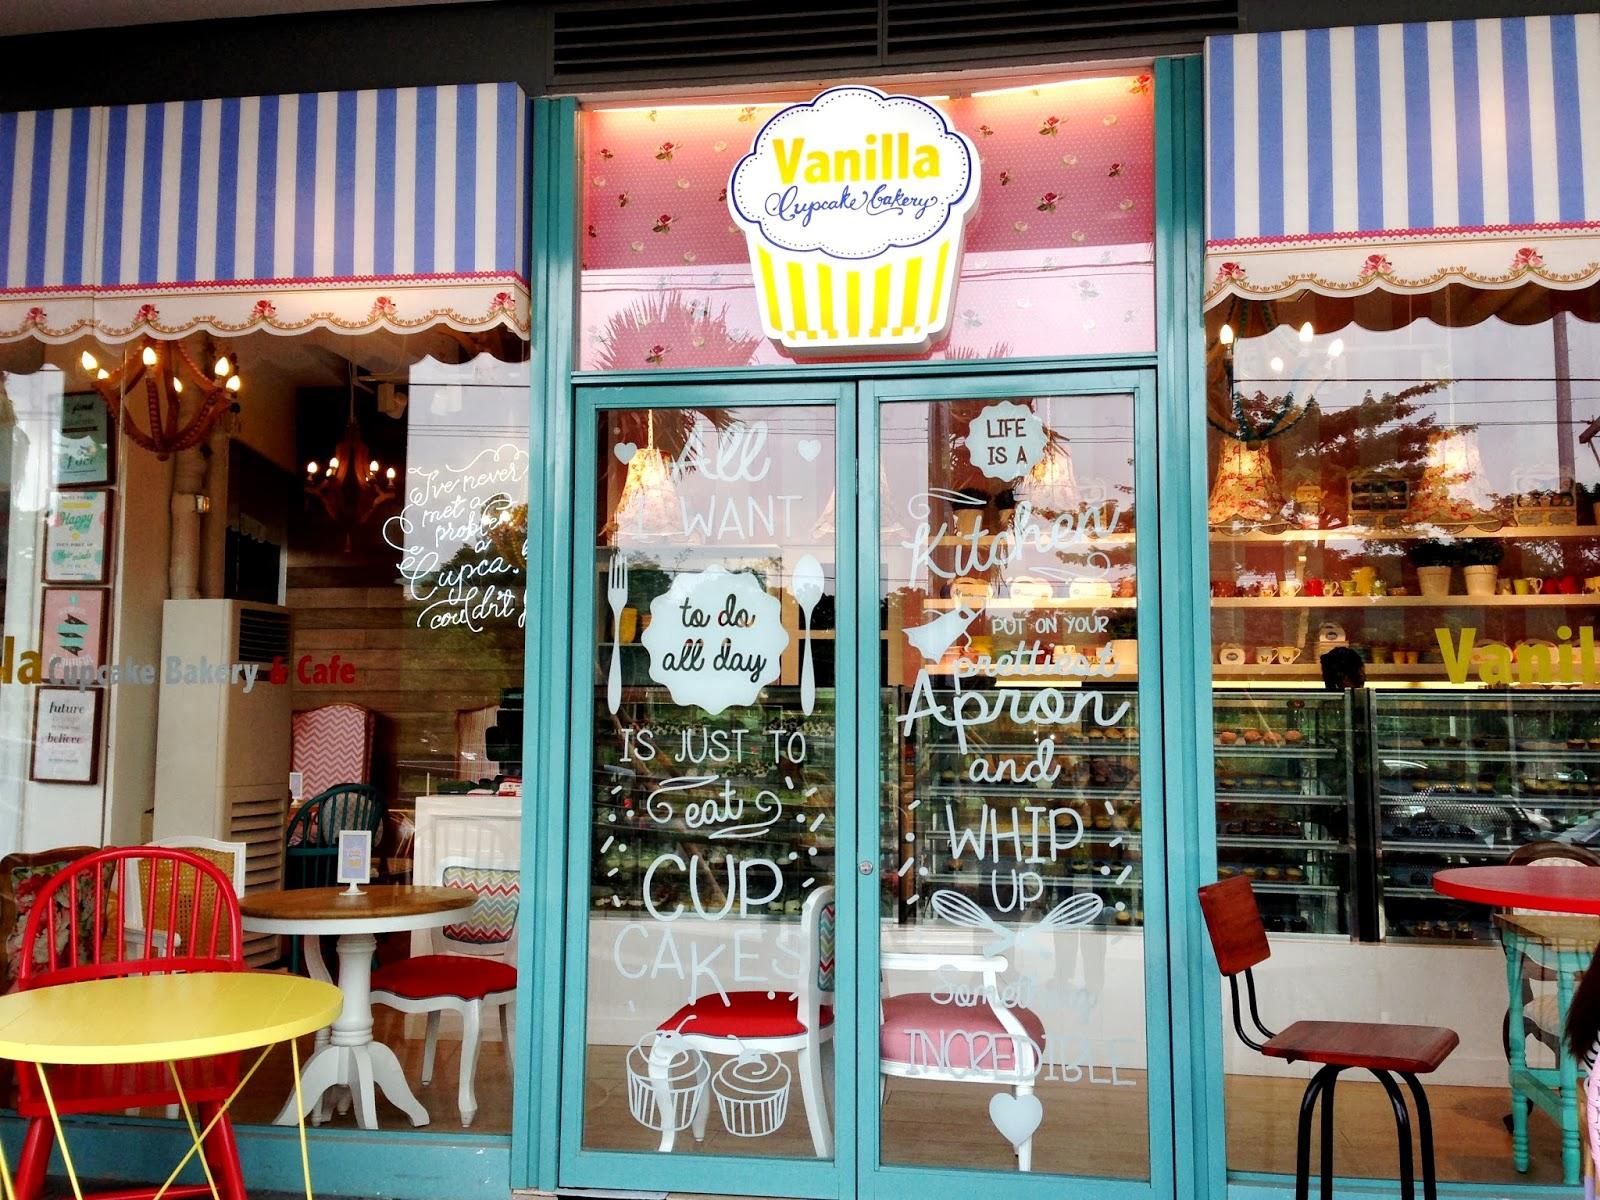 Cake Design Cupcake And Bakery Bari : tetadventurer: Vanilla Cupcake Bakery finally now @ UP ...